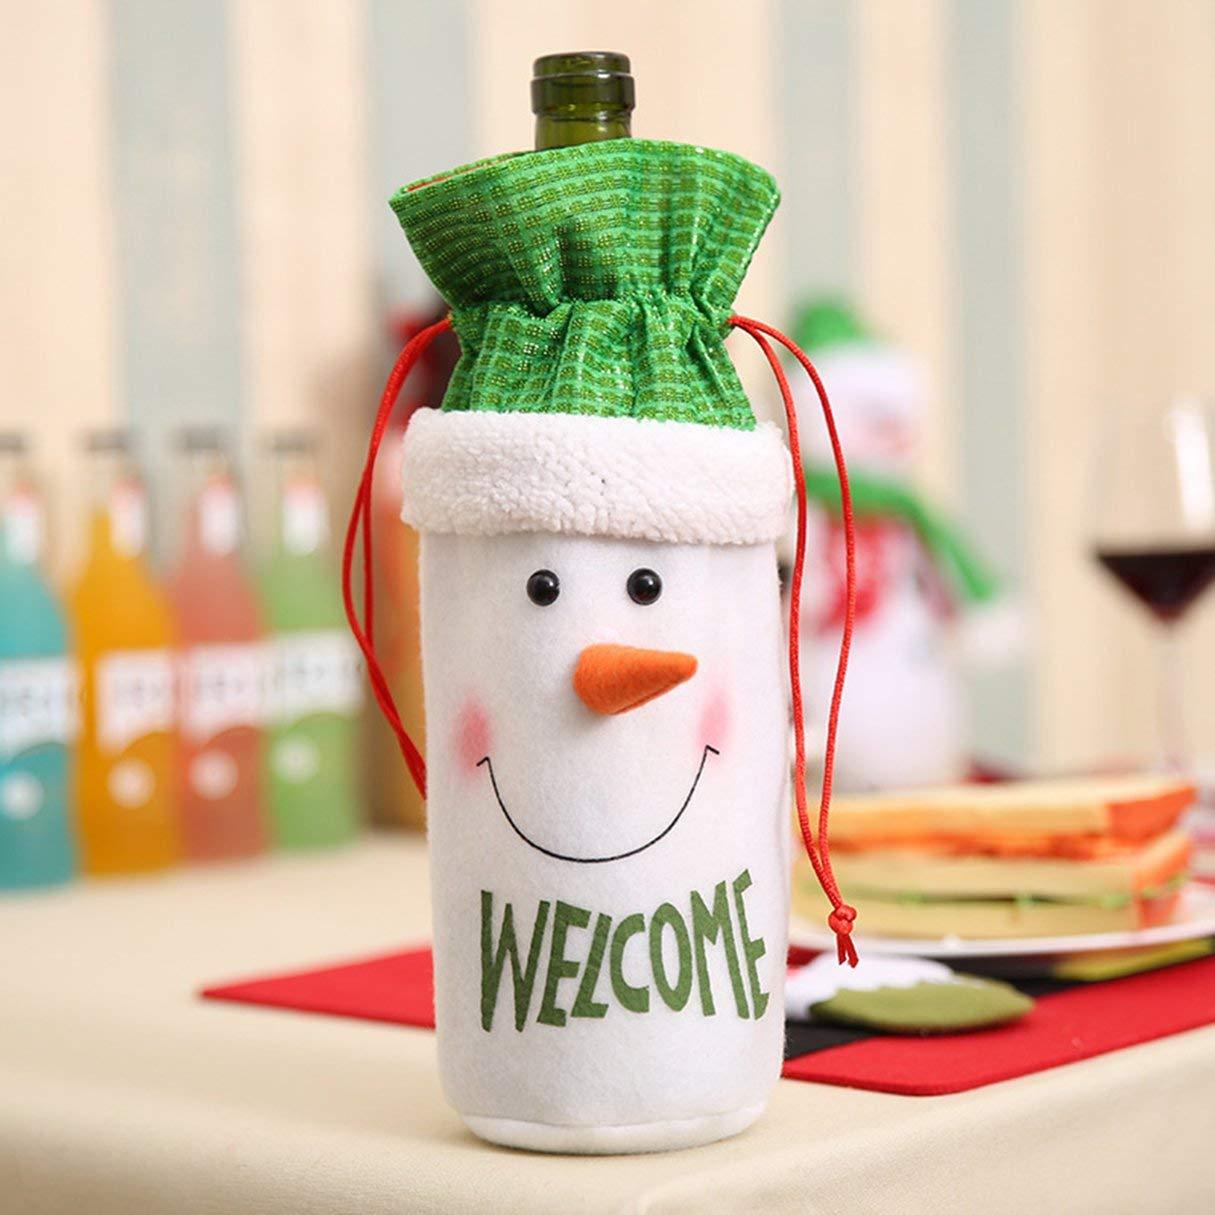 Sacchetto di Bottiglia di Vino di Natale, Regalo di Natale Buon Regalo Candy Sacchetto di Bottiglia di Vino Babbo Natale Alce Decor Sacchetti Regalo di Natale Champagne Wafalano